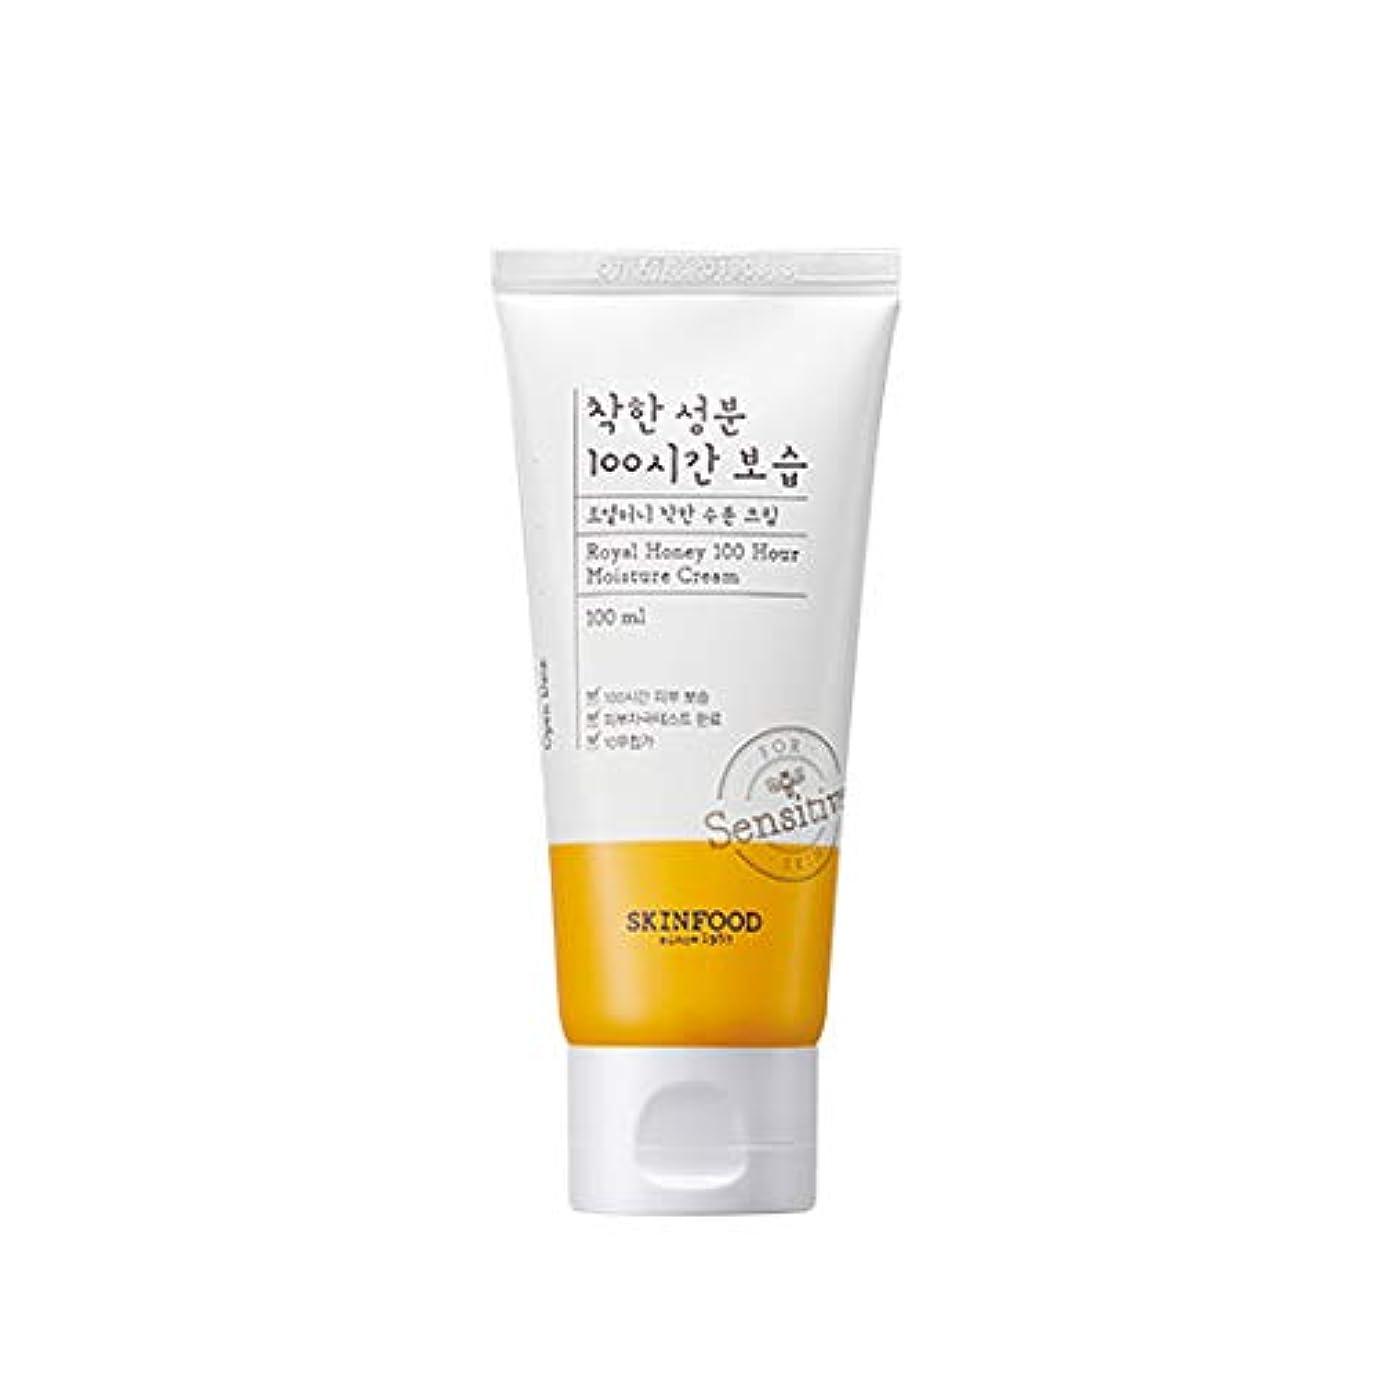 ペストふける窓Skinfood ロイヤルハニー100時間モイスチャークリーム / Royal Honey 100 Hour Moisture Cream 100ml [並行輸入品]